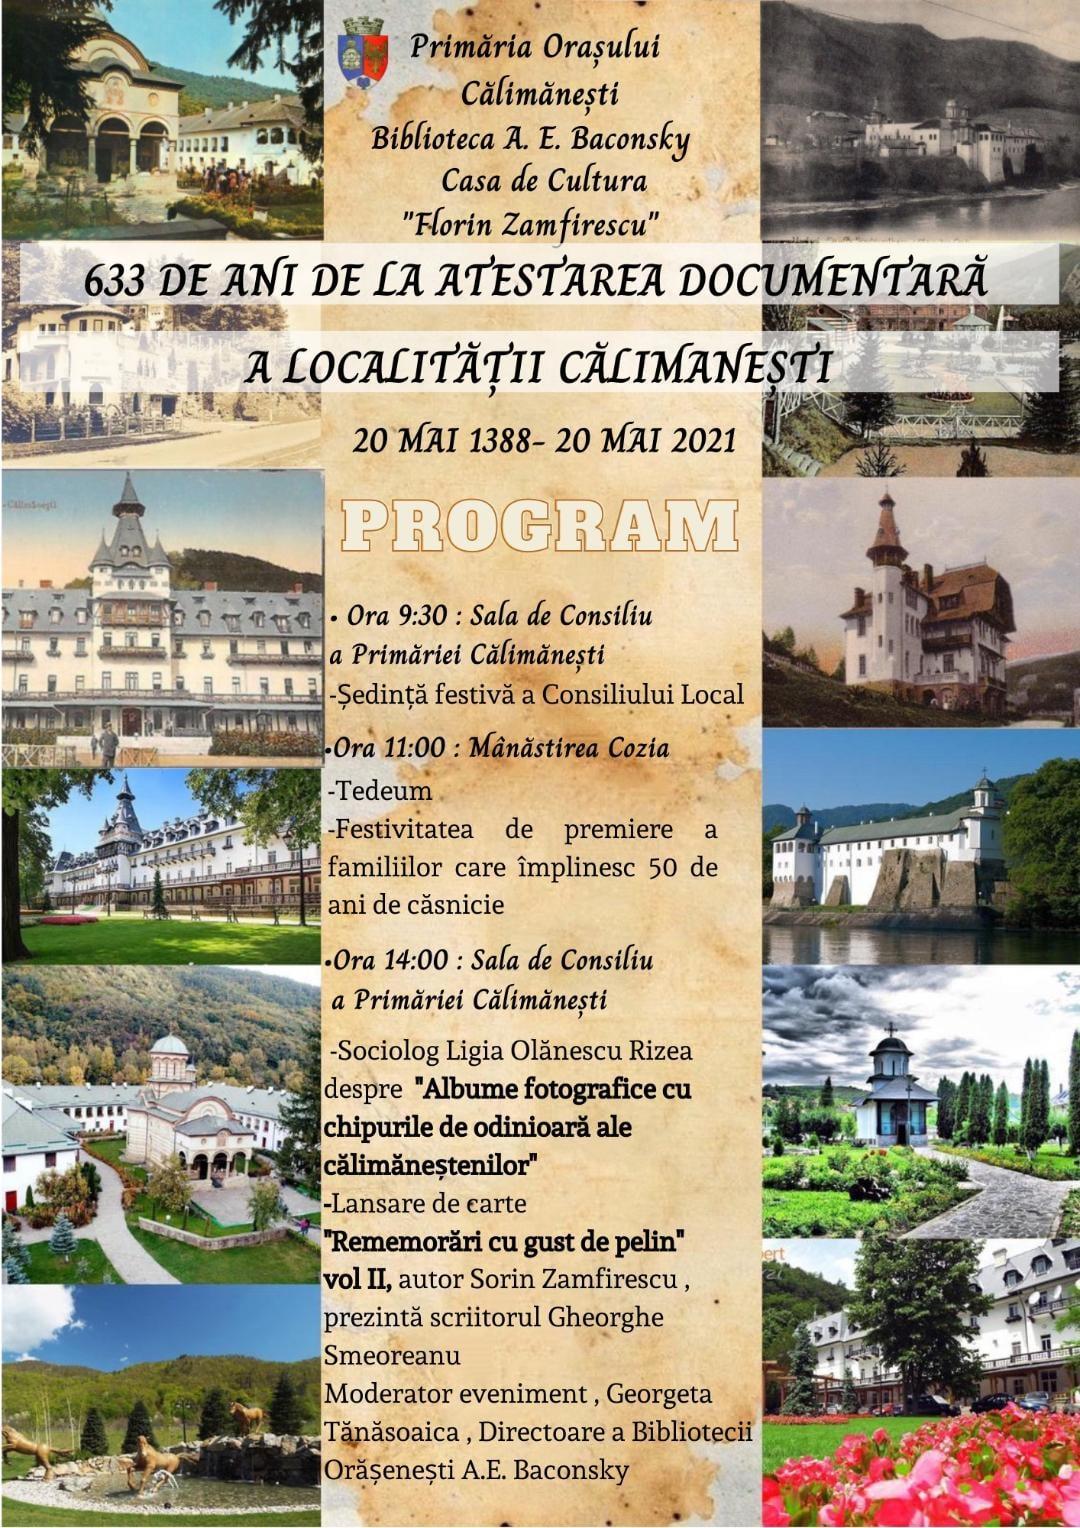 633 de ani de la atestarea documentară a localității Călimănești, 20 mai 1388 – 20 mai 2021